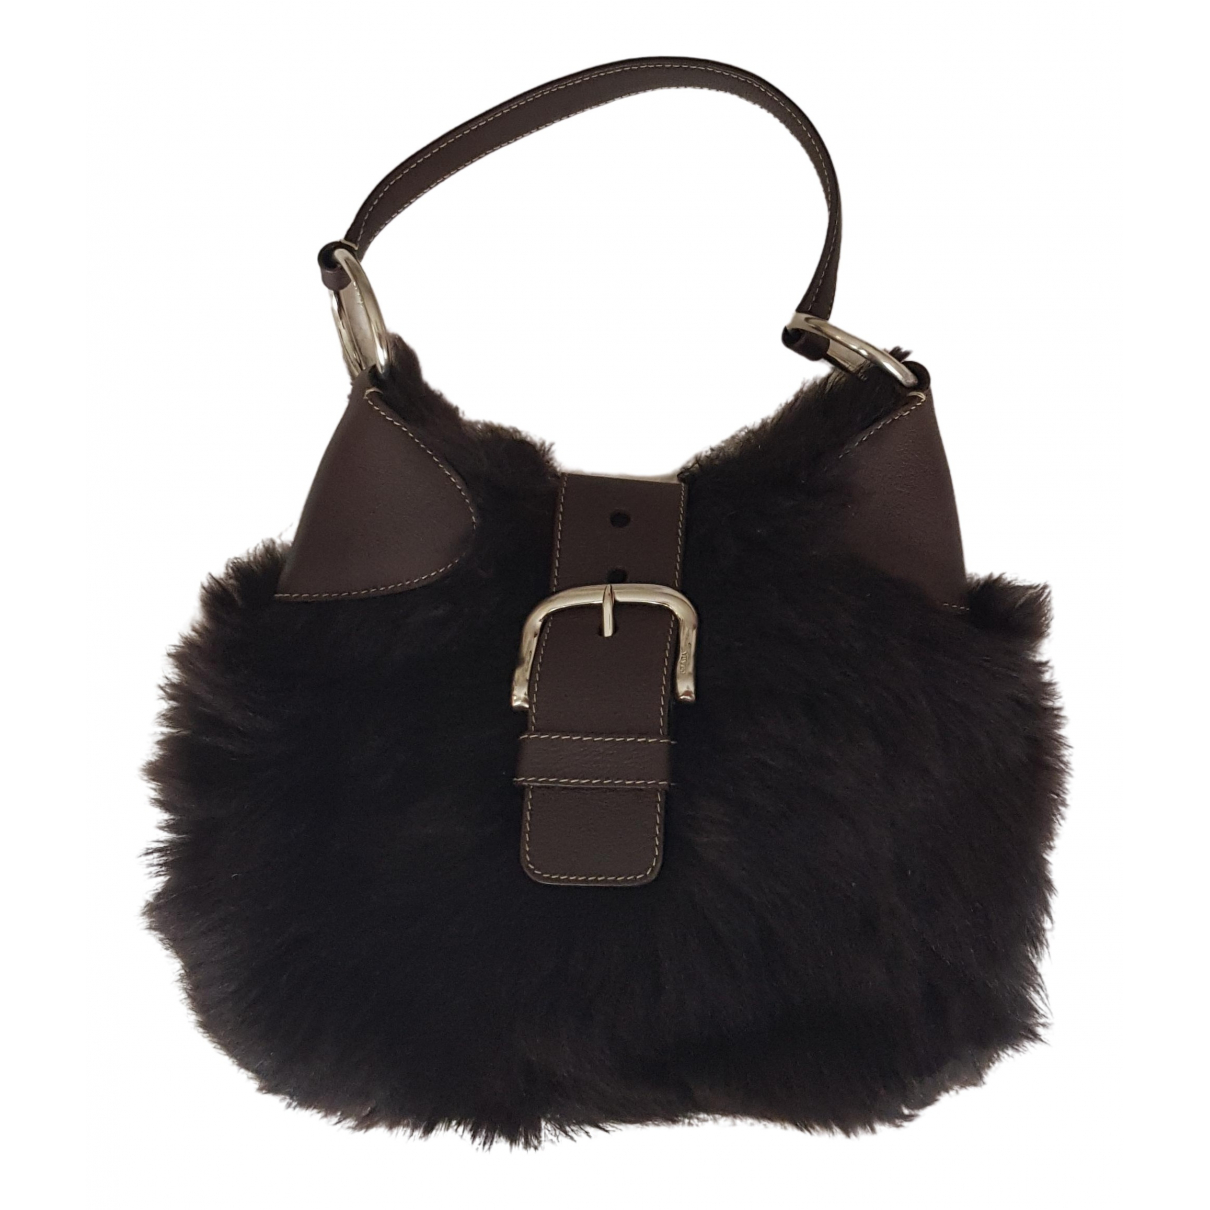 Prada \N Handtasche in  Braun Schaf